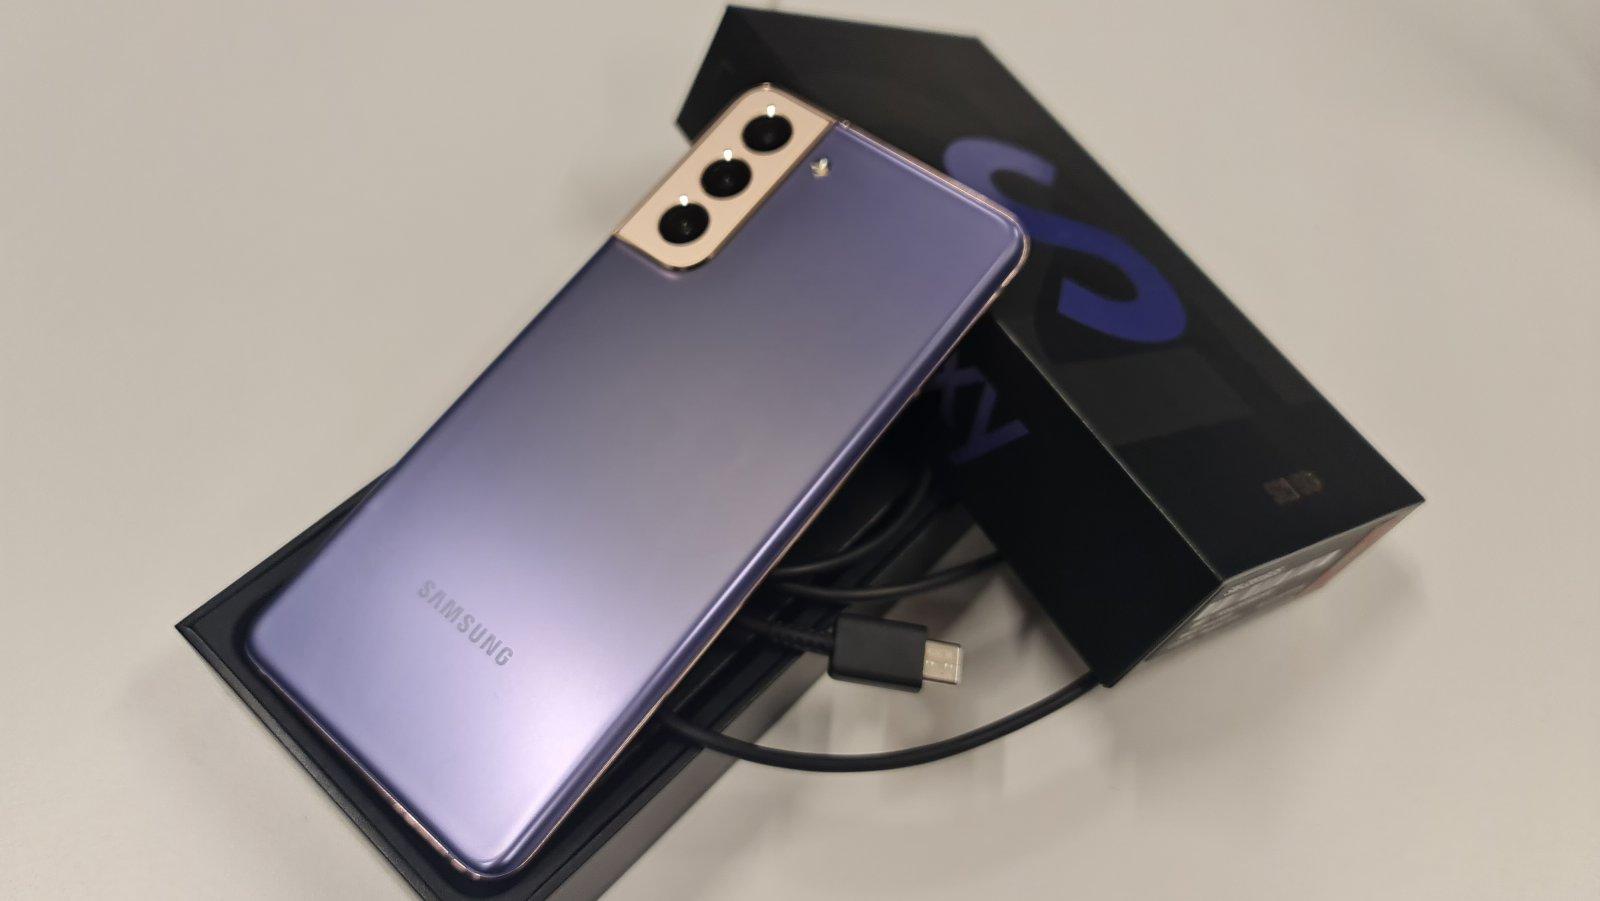 Samsungi uus tippmobiil maksab Eestis vähem kui naabrite juures